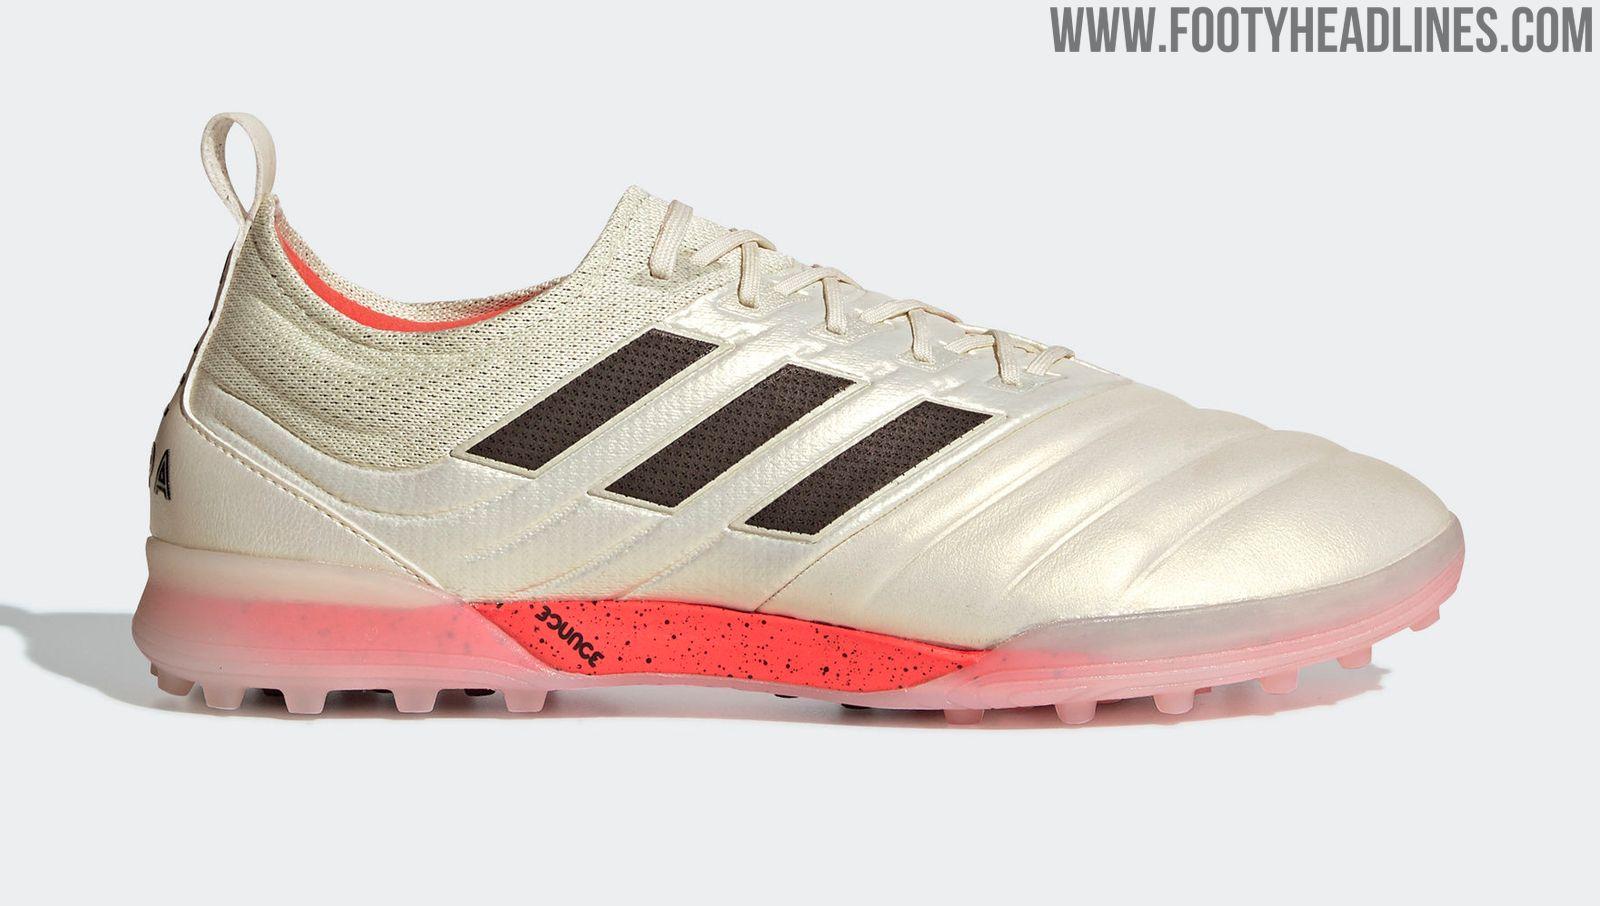 500c9ea2014deb Adidas Copa Tango 19 Indoor   Turf Boots Launched - Footy Headlines